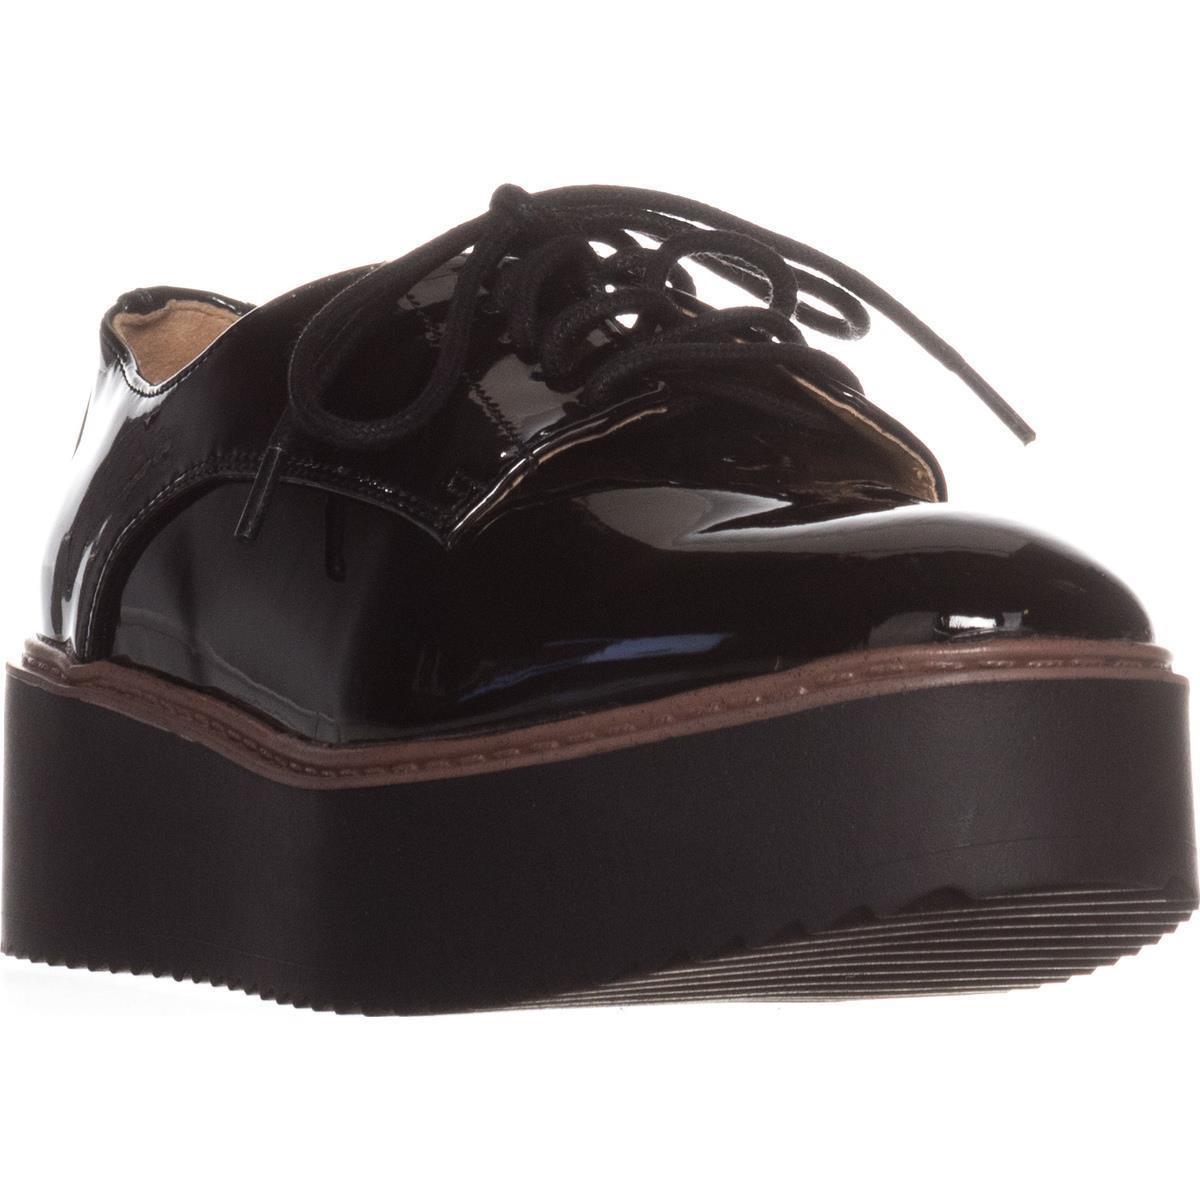 bd24c5640011 Lyst - Madden Girl Written Platform Oxfords in Black